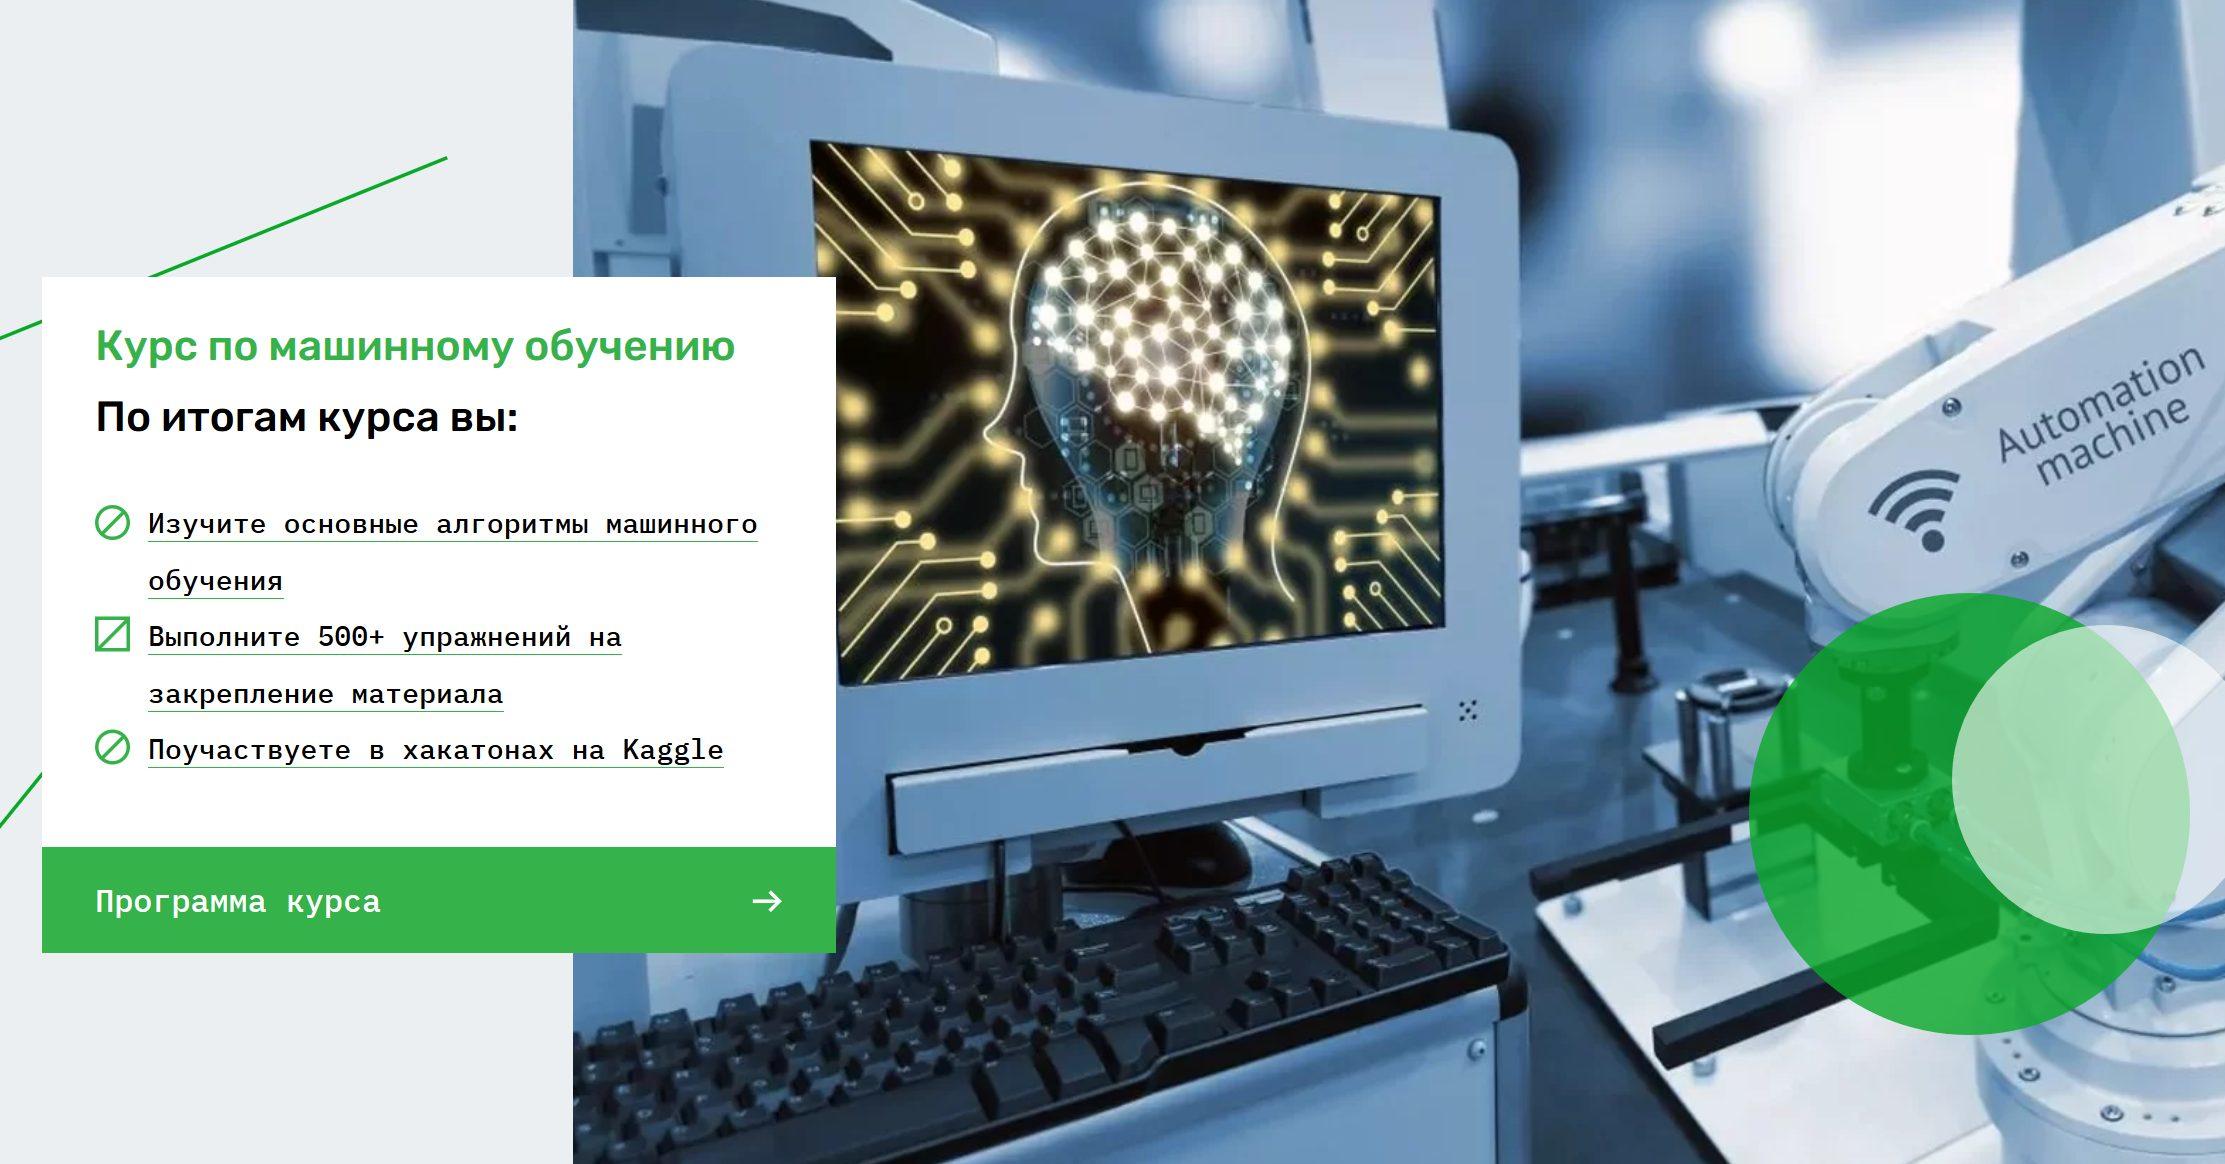 Курс по машинному обучению от SkillFactory